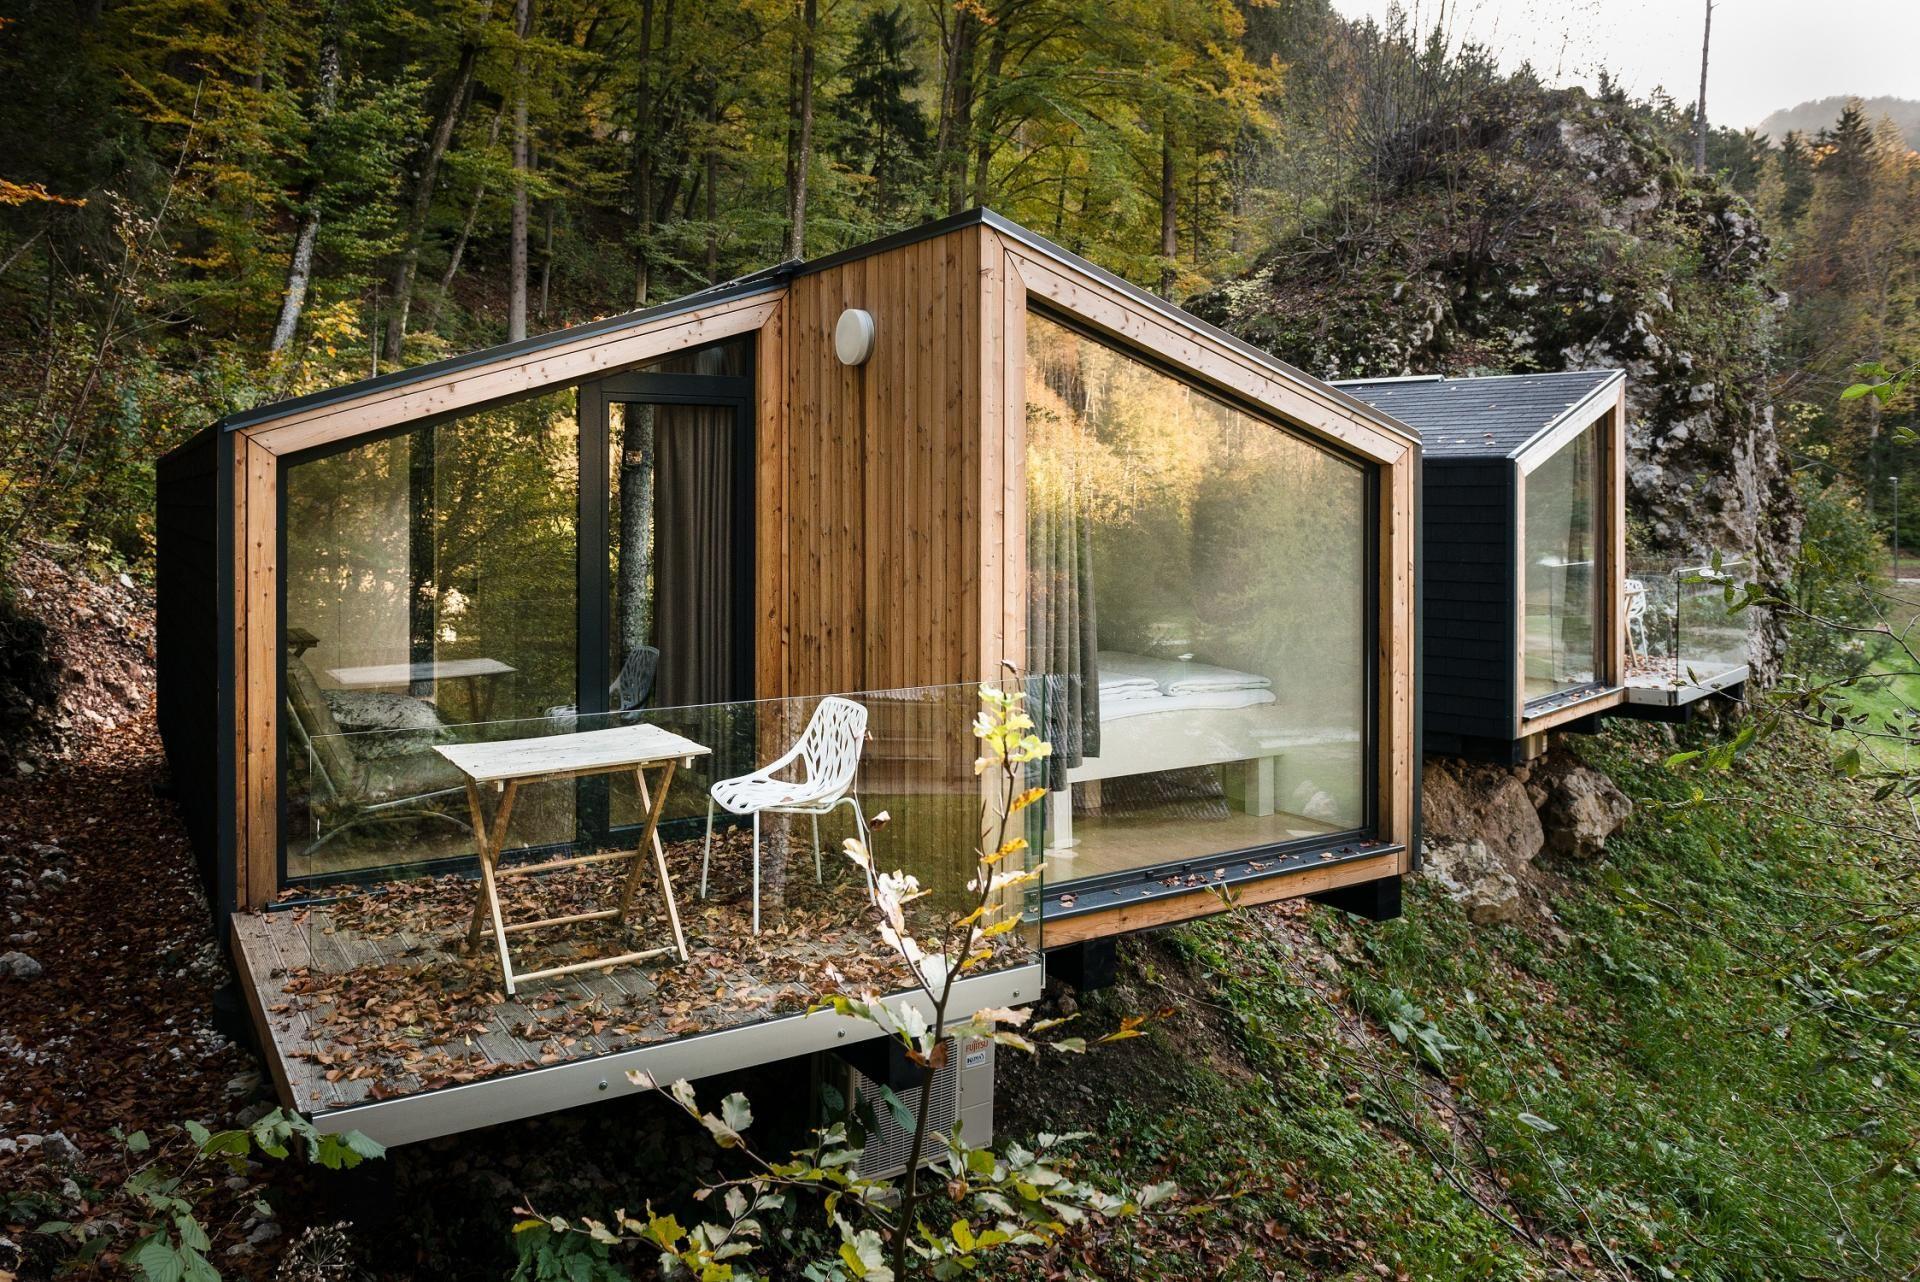 cabane mini chalet montagne ekokoncept for 4 0 maison prefabriquee contemporaine ecologique en bois